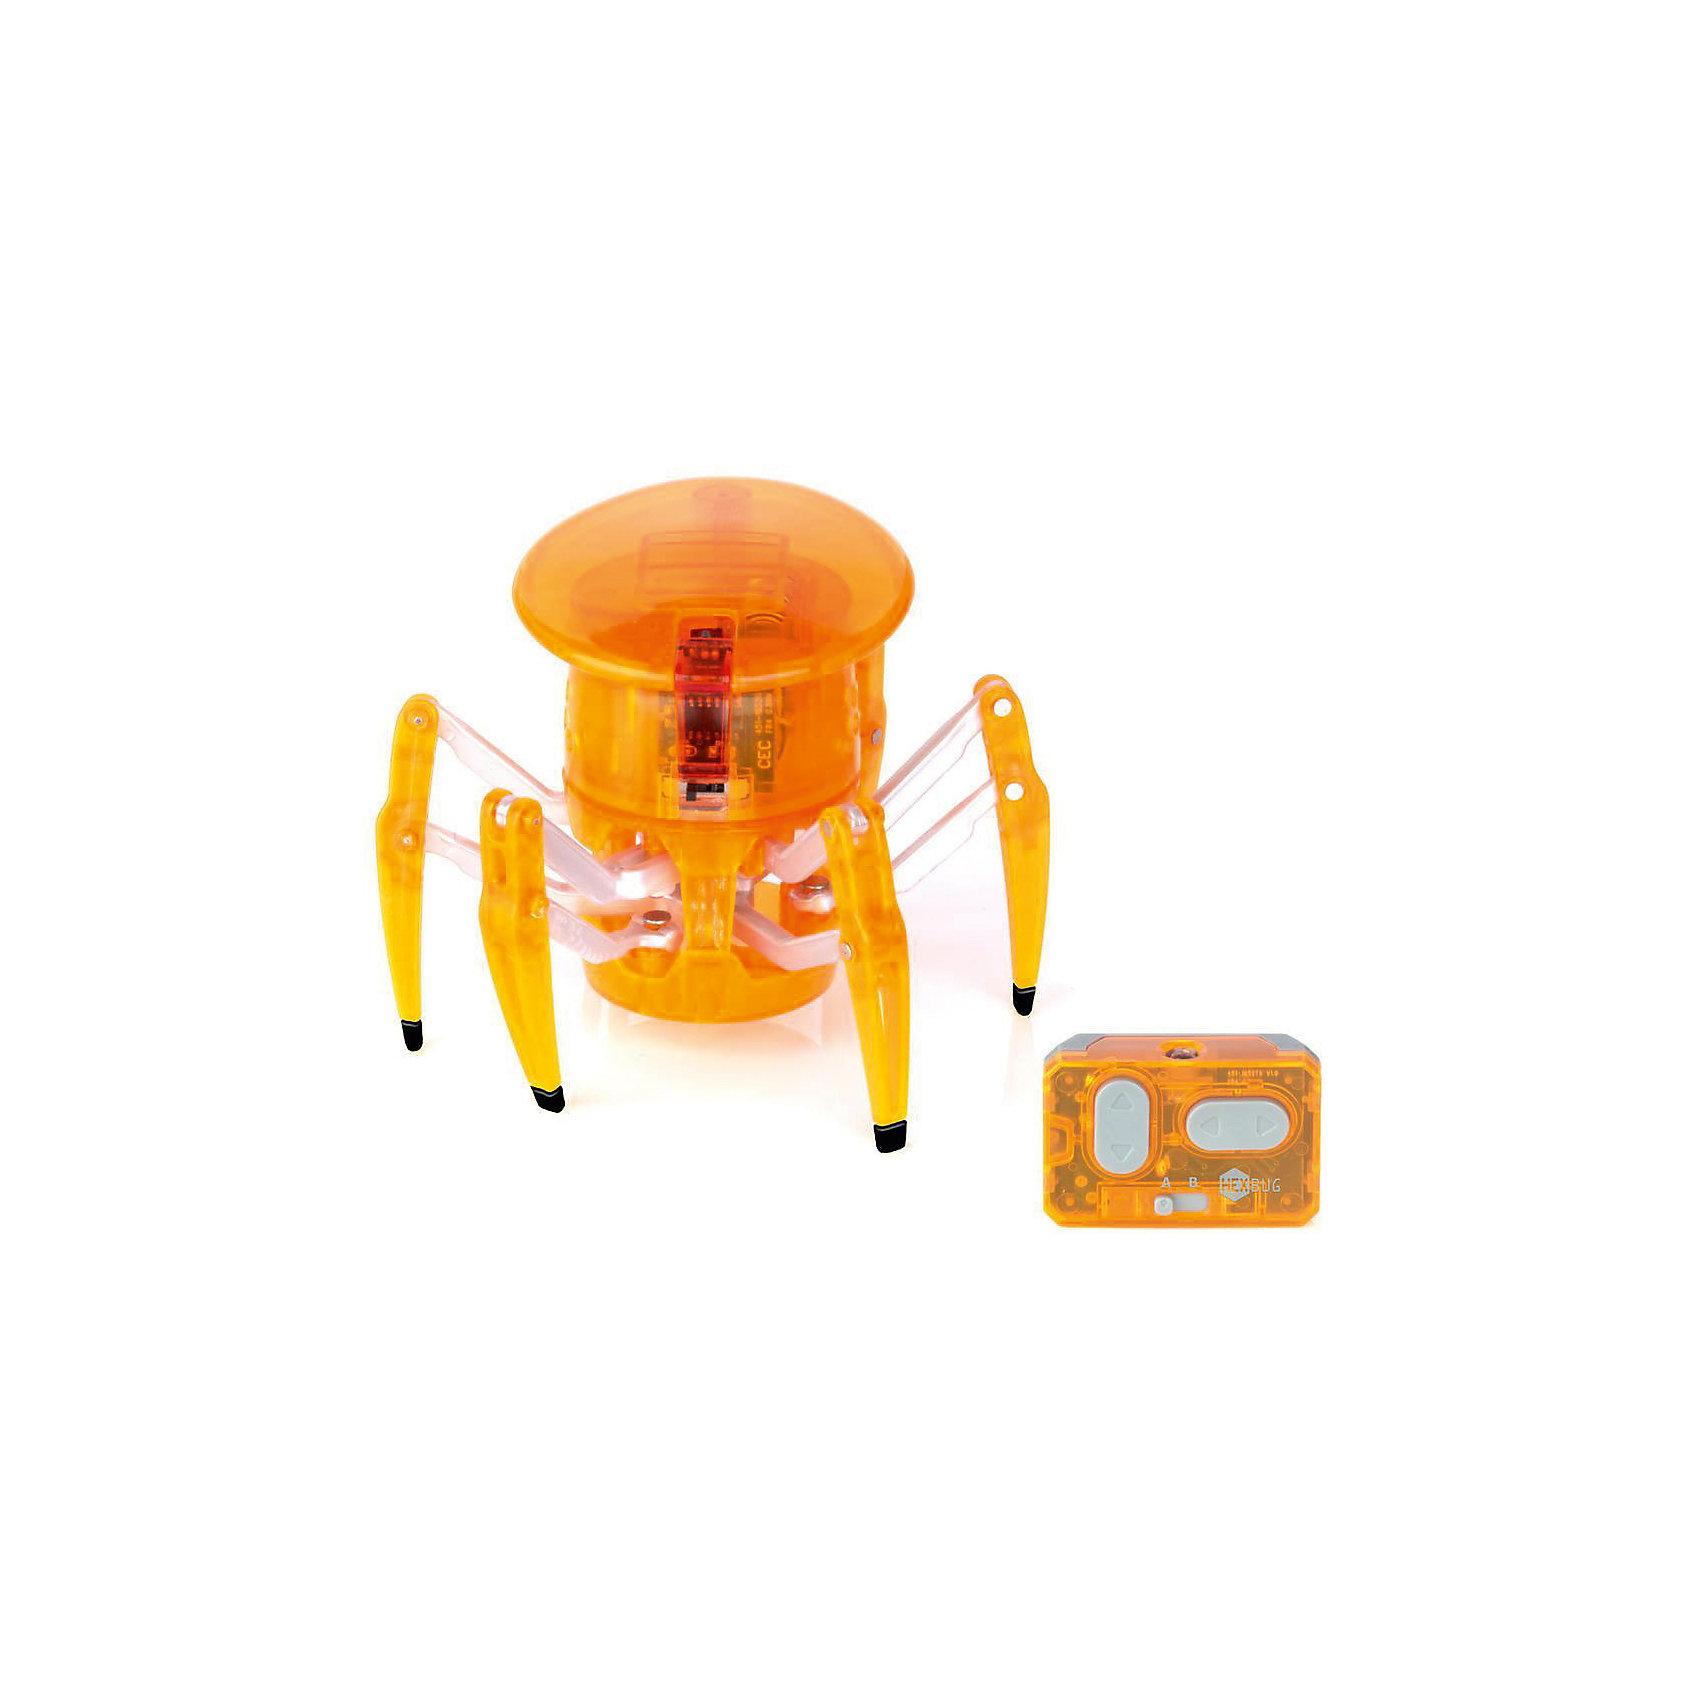 Микро-робот на управлении Спайдер, оранжевый, HexbugИнтерактивные игрушки для малышей<br>Микро-робот на управлении Спайдер, оранжевый, Hexbug (Хексбаг)<br><br>Характеристики:<br><br>• передвигается в любых направлениях<br>• светящийся глаз<br>• двухканальное управление<br>• для работы необходимы батарейки AG13 - 5 шт.<br>• размер: 7,7х9,1 см<br>• вес: 43 грамма<br>• цвет: оранжевый<br><br>Микро-робот Спайдер - очень быстрый паучок, которым вы сможете управлять самостоятельно с помощью дистанционного пульта. По команде робот способен передвигаться в любую указанную сторону и вращаться на 360 градусов. Двухканальное управление позволит вам устроить настоящие гонки для двух роботов. Микро-робот Спайдер - интересный и увлекательный подарок для всей семьи!<br><br>Микро-робота на управлении Спайдер, оранжевый, Hexbug (Хексбаг) вы можете купить в нашем интернет-магазине.<br><br>Ширина мм: 9999<br>Глубина мм: 9999<br>Высота мм: 9999<br>Вес г: 9999<br>Возраст от месяцев: 36<br>Возраст до месяцев: 2147483647<br>Пол: Унисекс<br>Возраст: Детский<br>SKU: 5507221